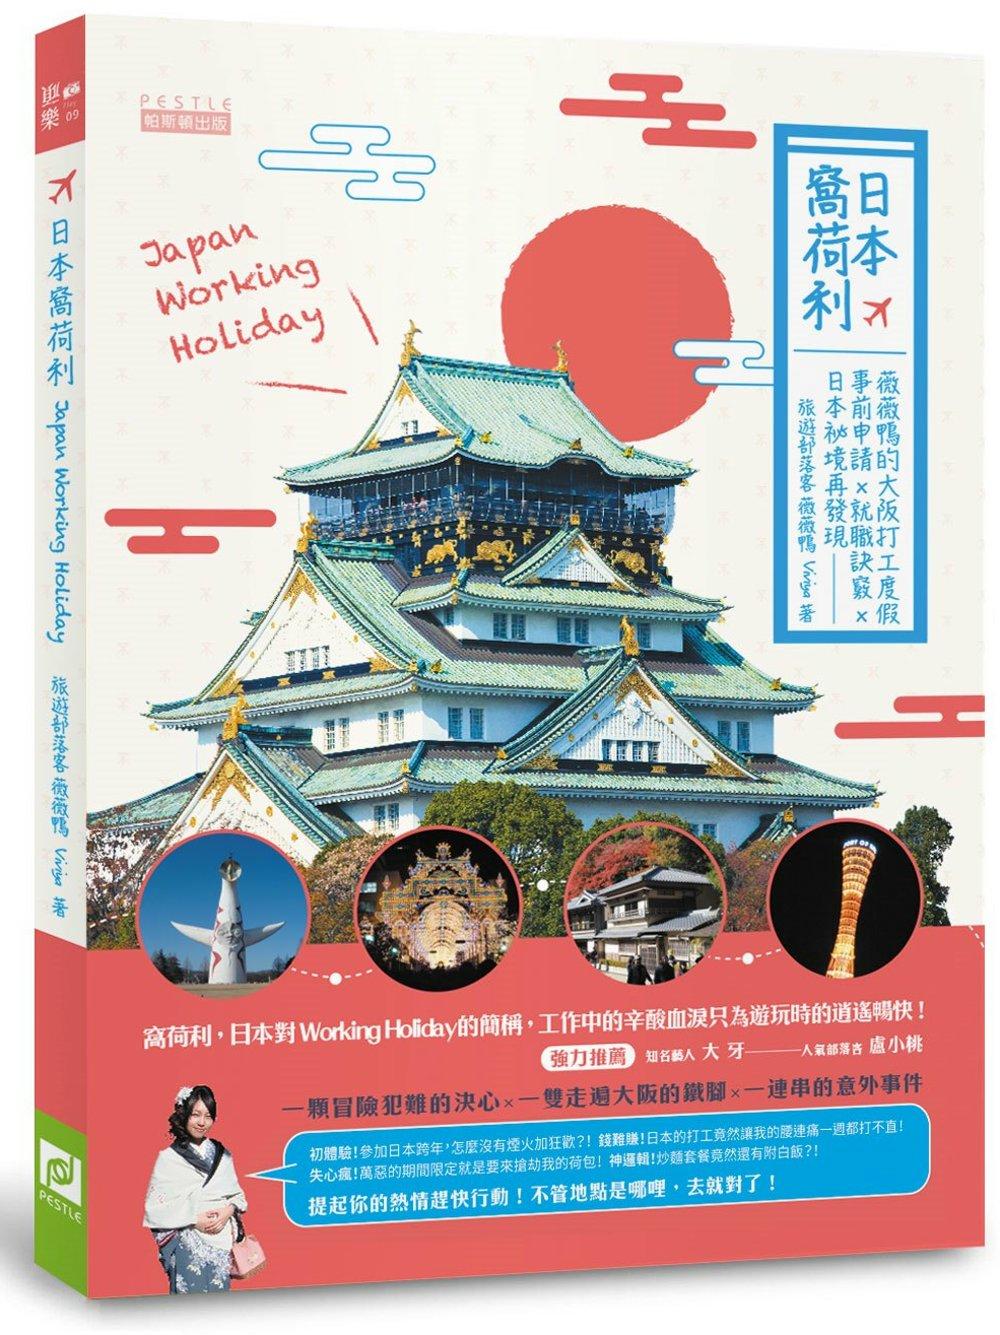 日本窩荷利:薇薇鴨的大阪打工度假,事前申請×就職訣竅×日本祕境再發現